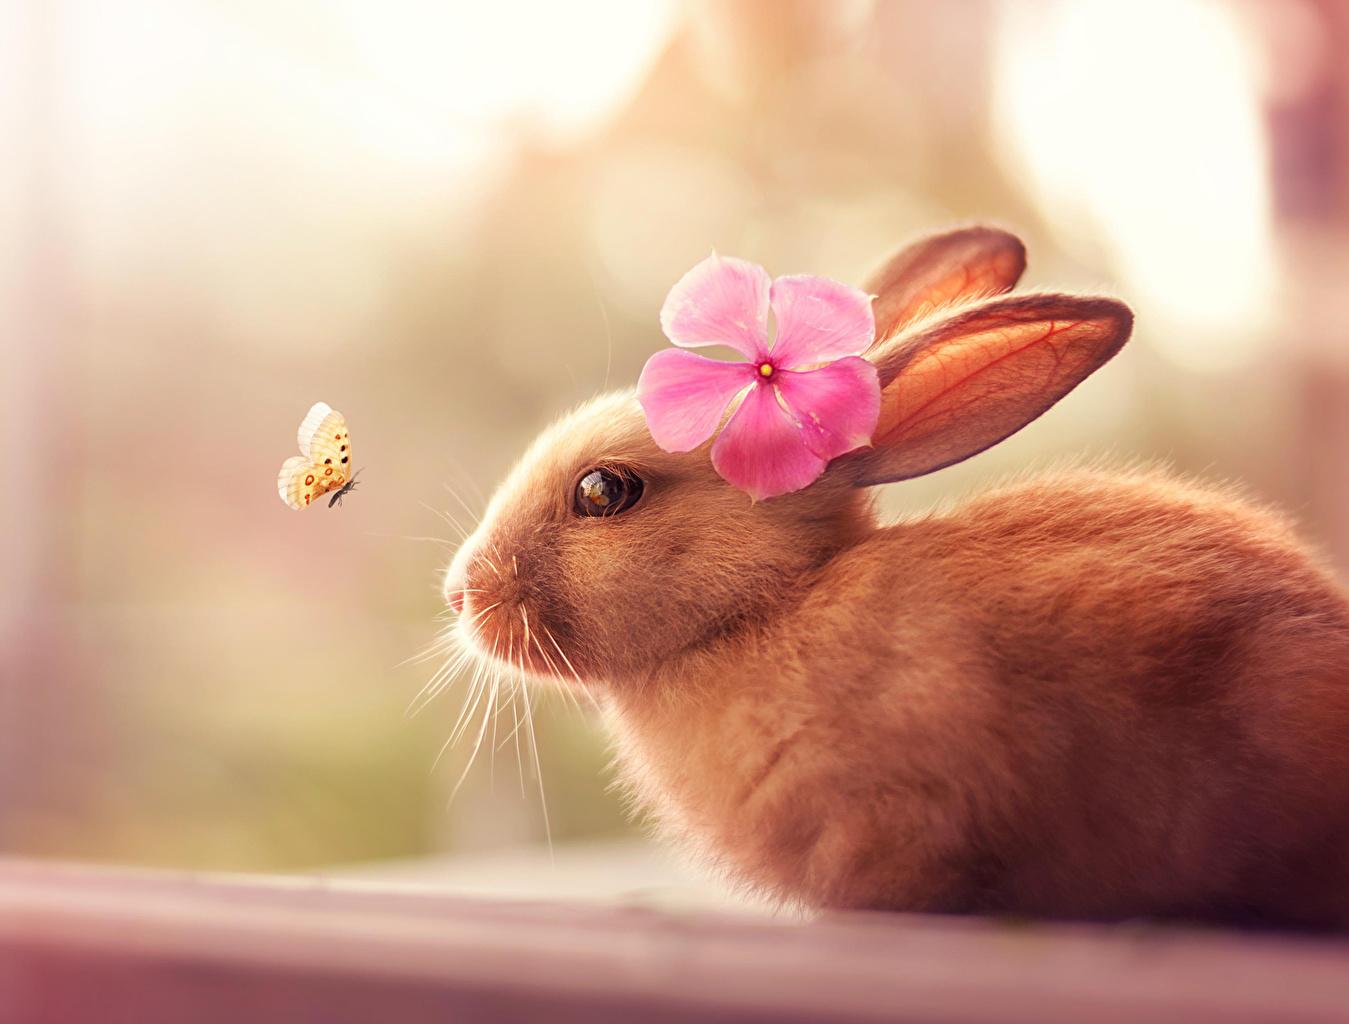 Фотография кролик бабочка животное Бабочки Кролики Животные